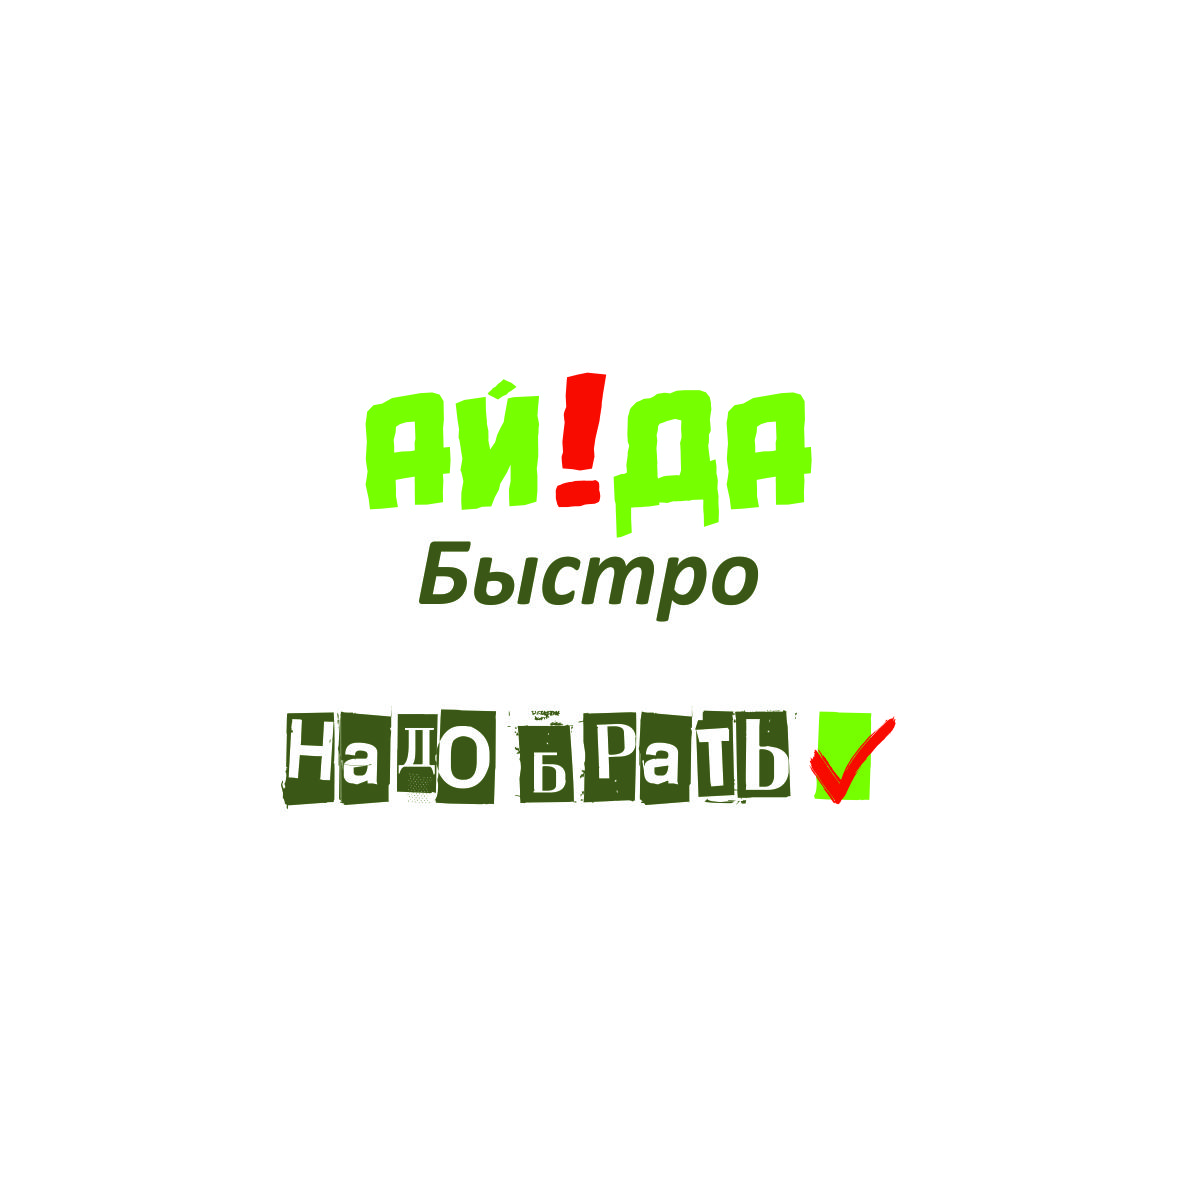 Дизайн логотипа и упаковки СТМ фото f_9065c55b41f99181.jpg